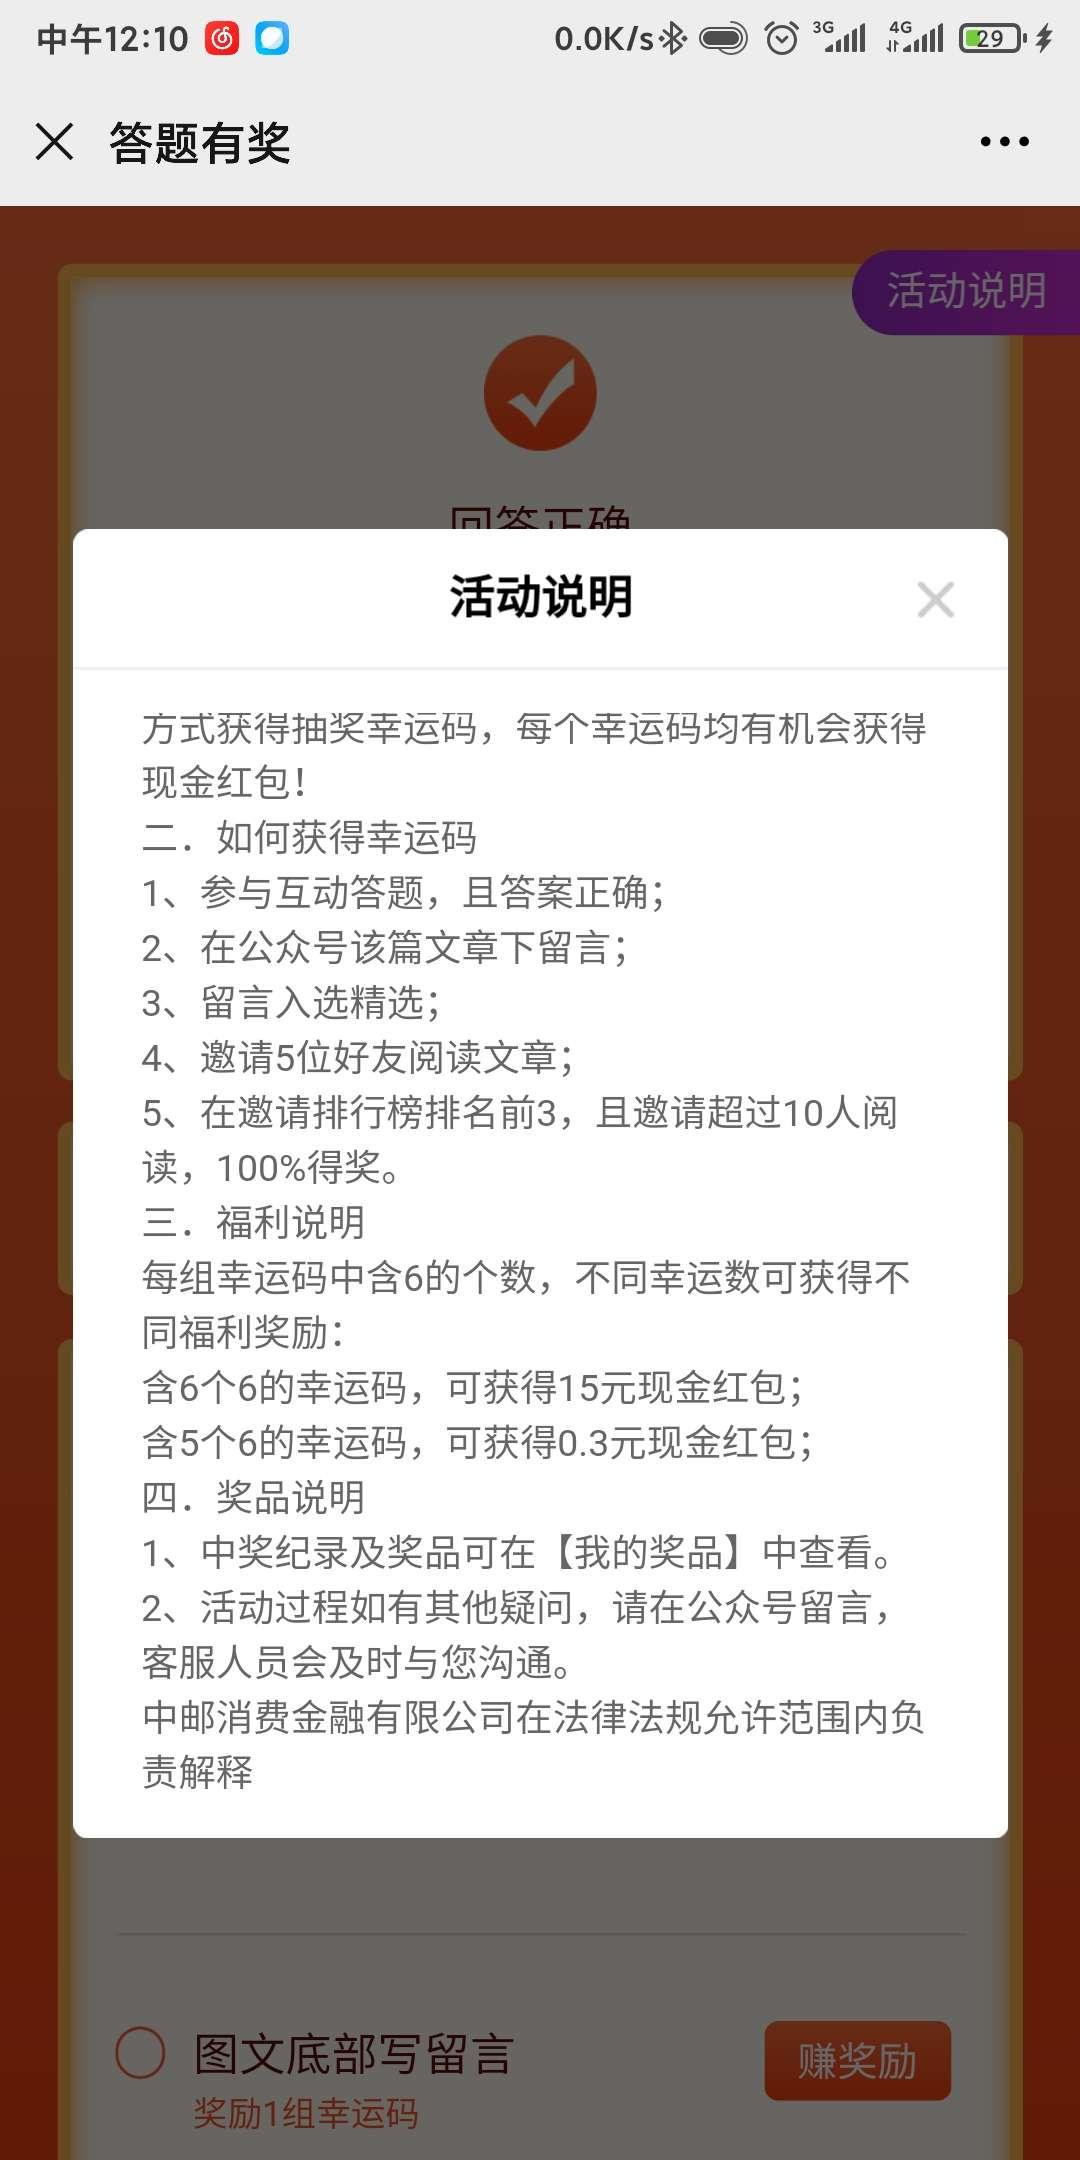 图片[2]-中邮答题抽红包-老友薅羊毛活动线报网